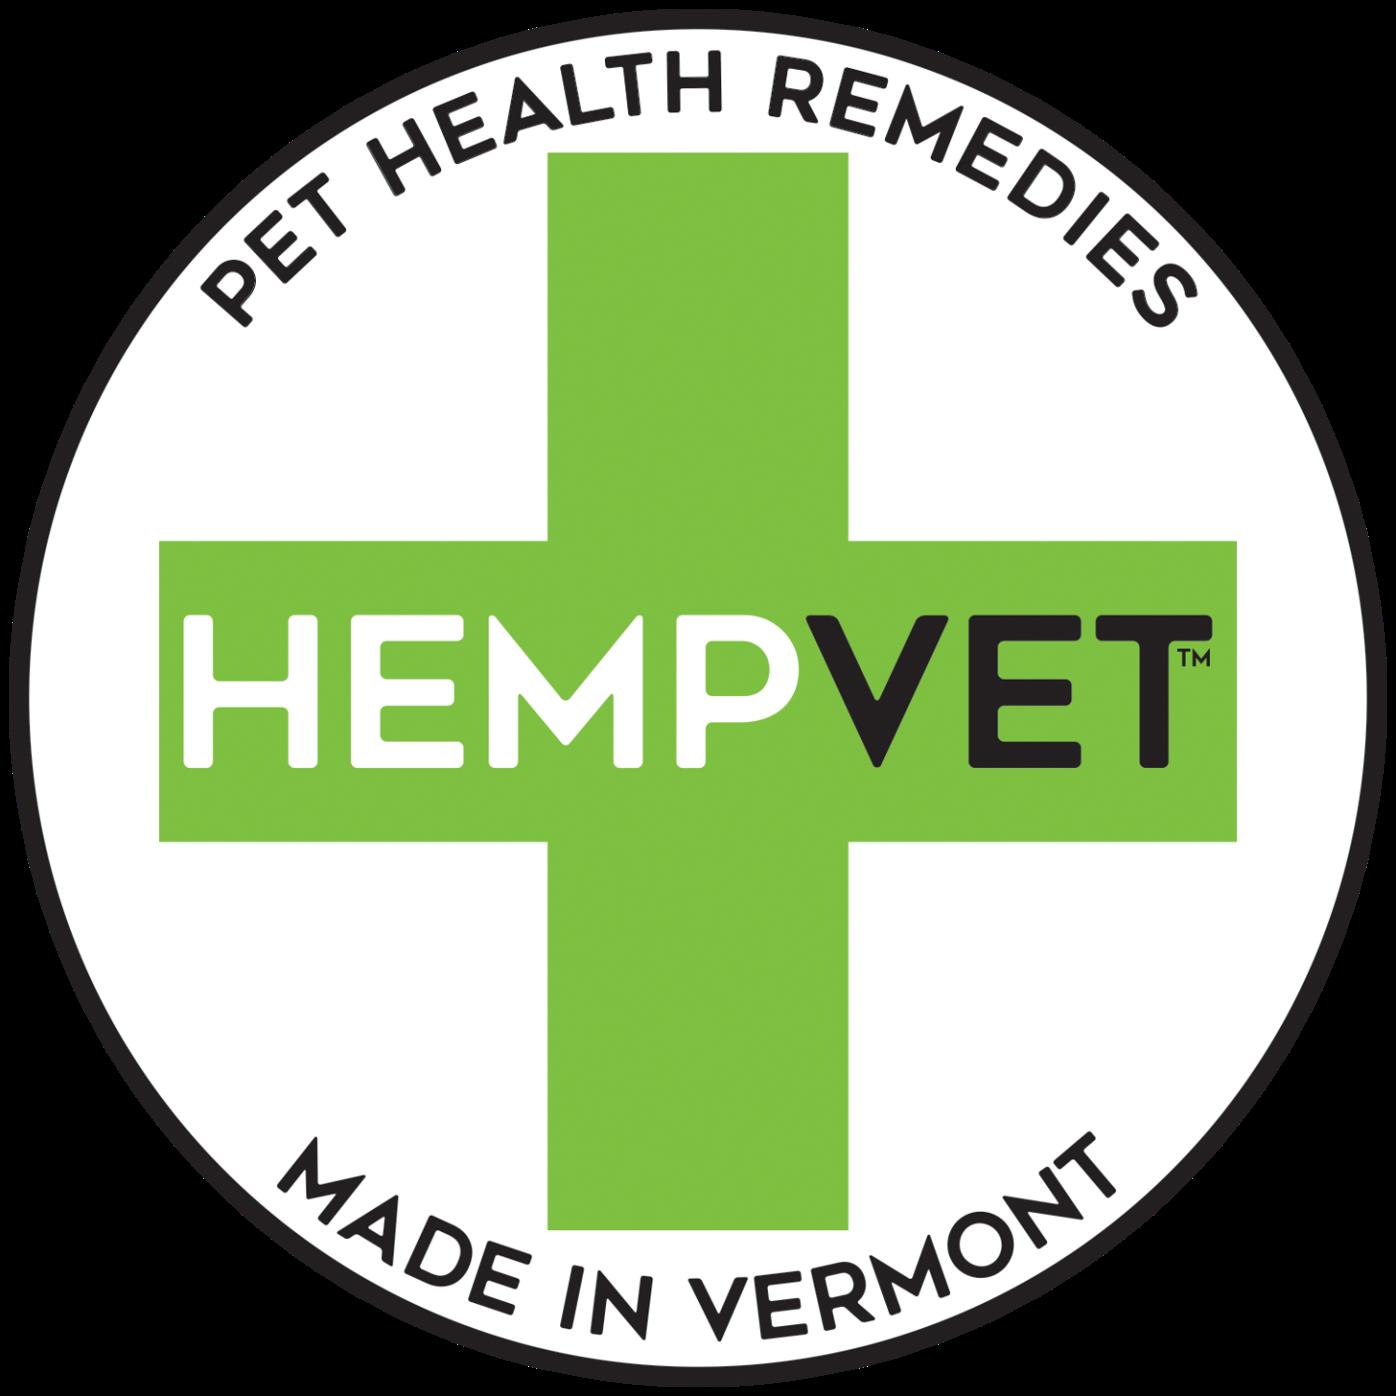 HEMPVET-PHR-5x5-RGB